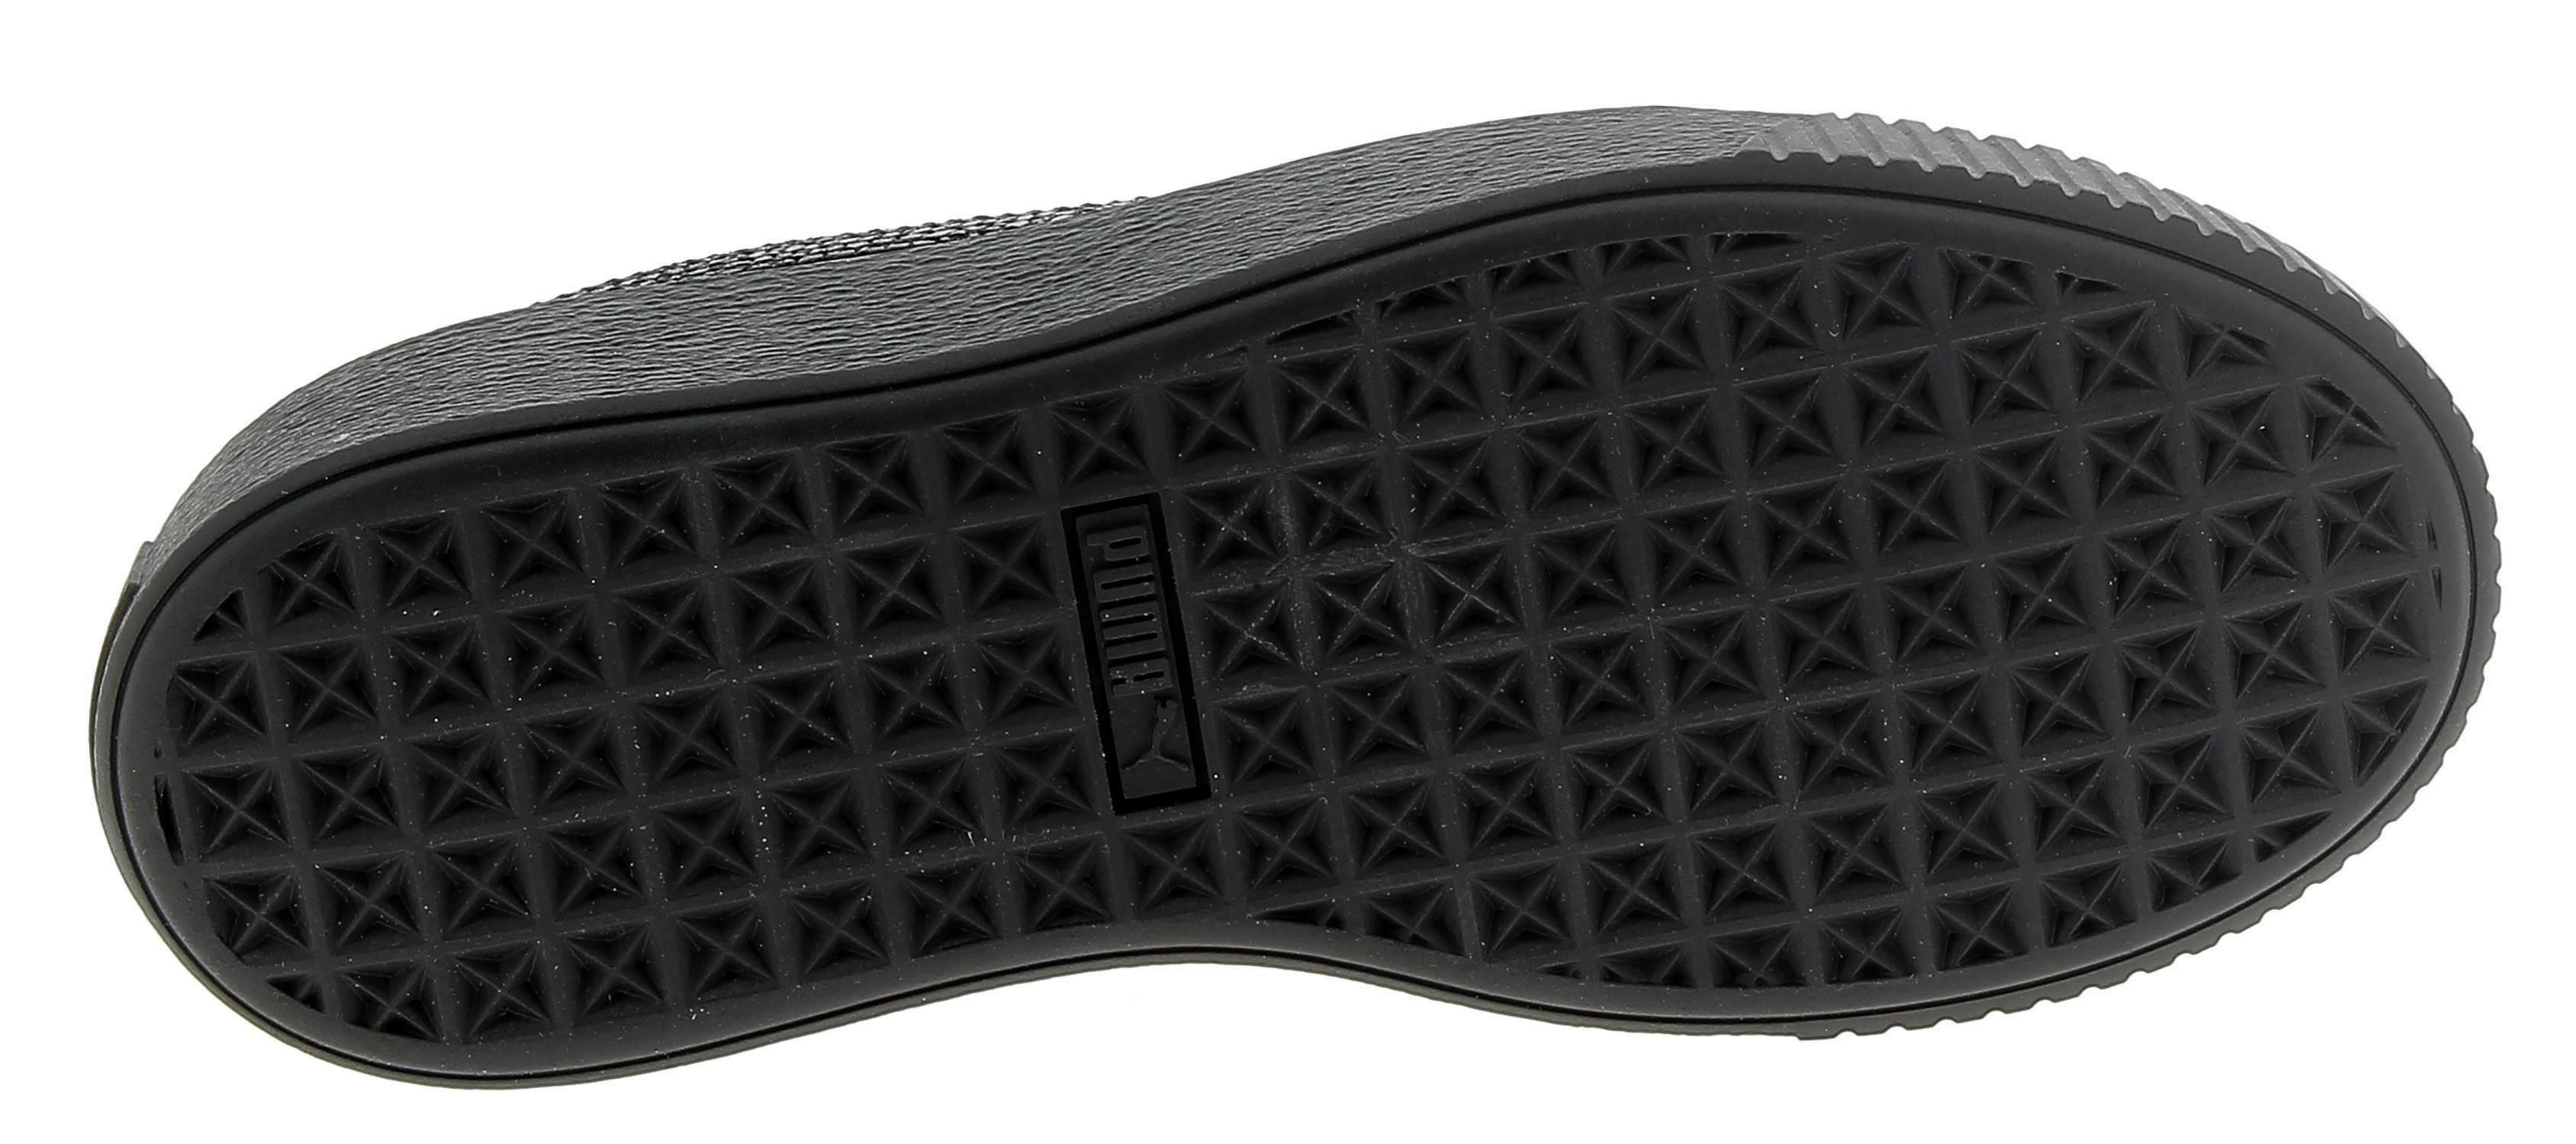 Puma basket platform scarpe sportive donna nere 36785002